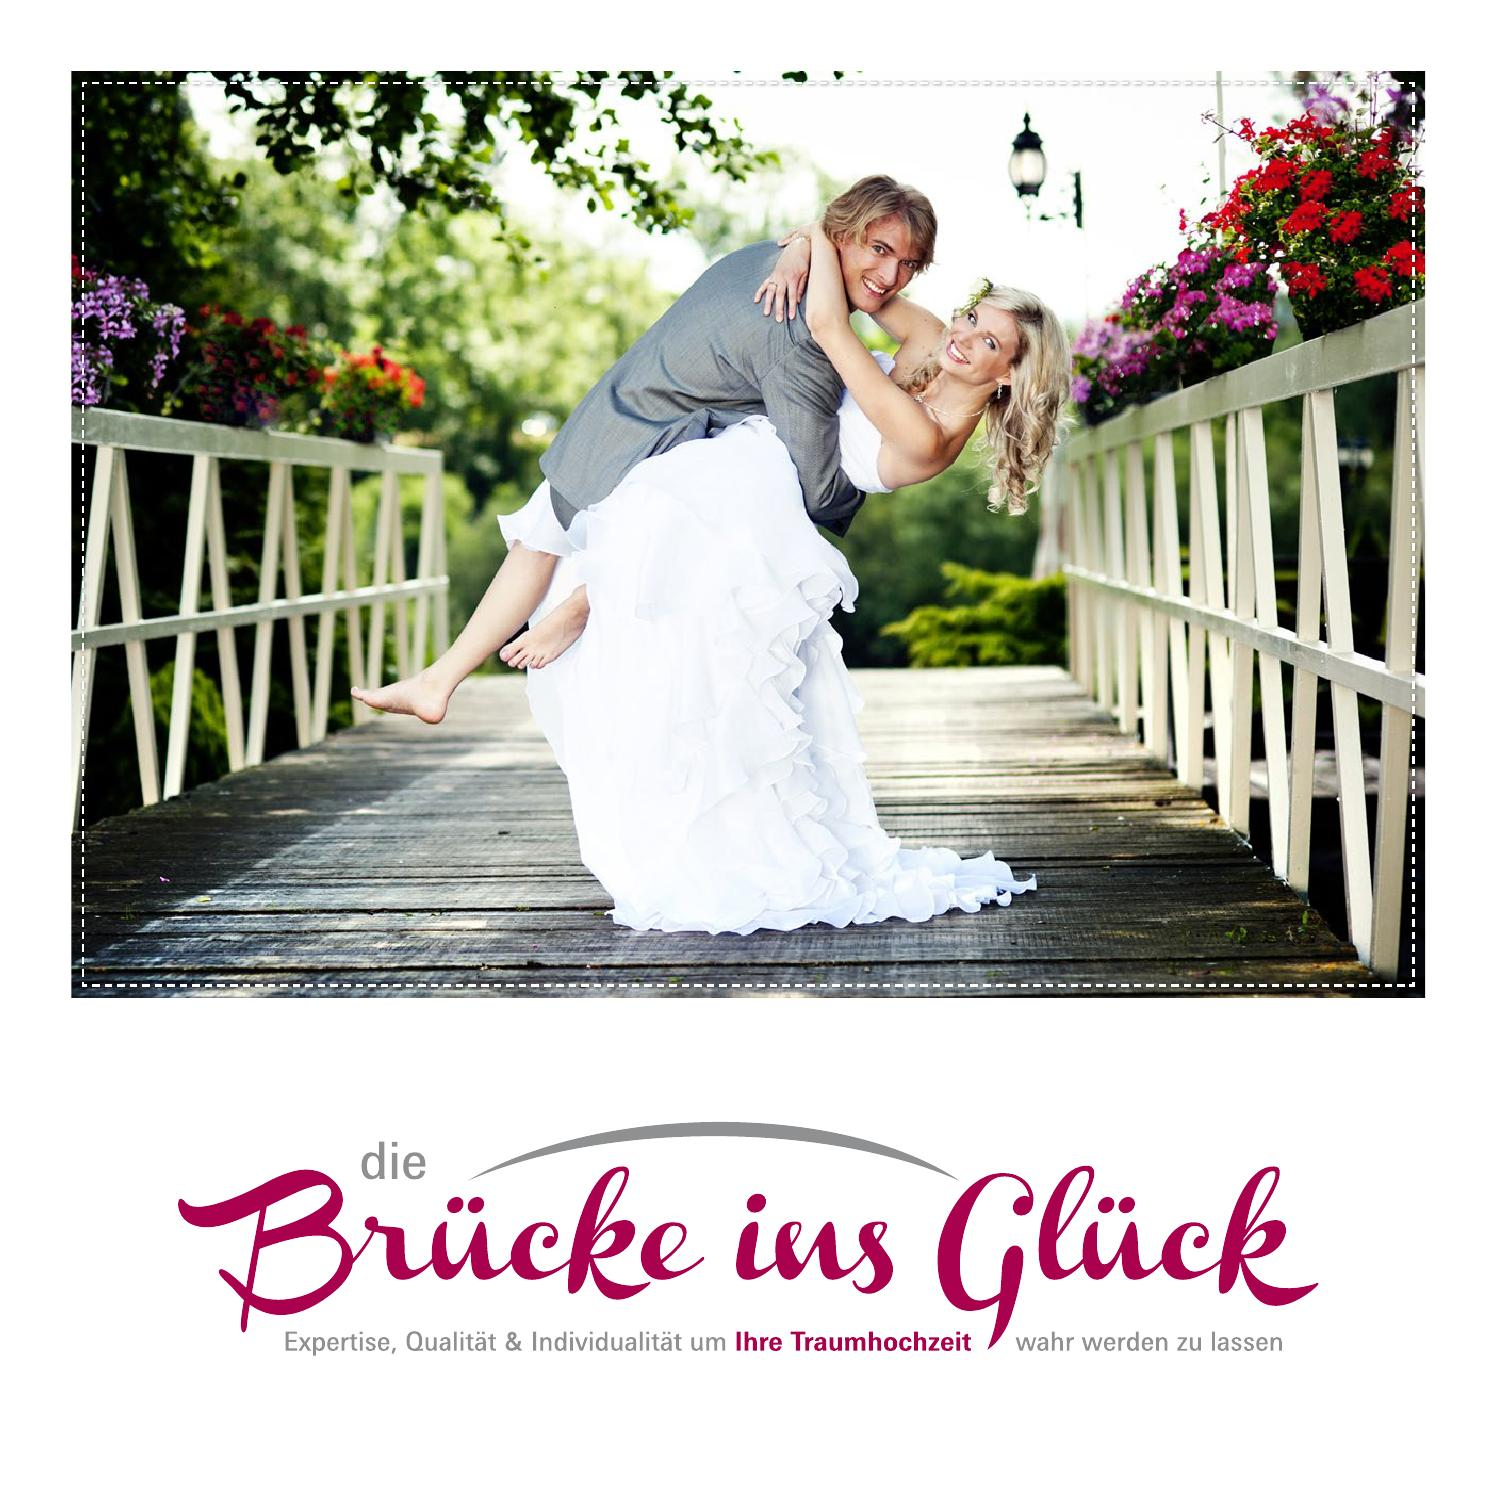 Brücke ins glück 2015 by DorisWallner - issuu